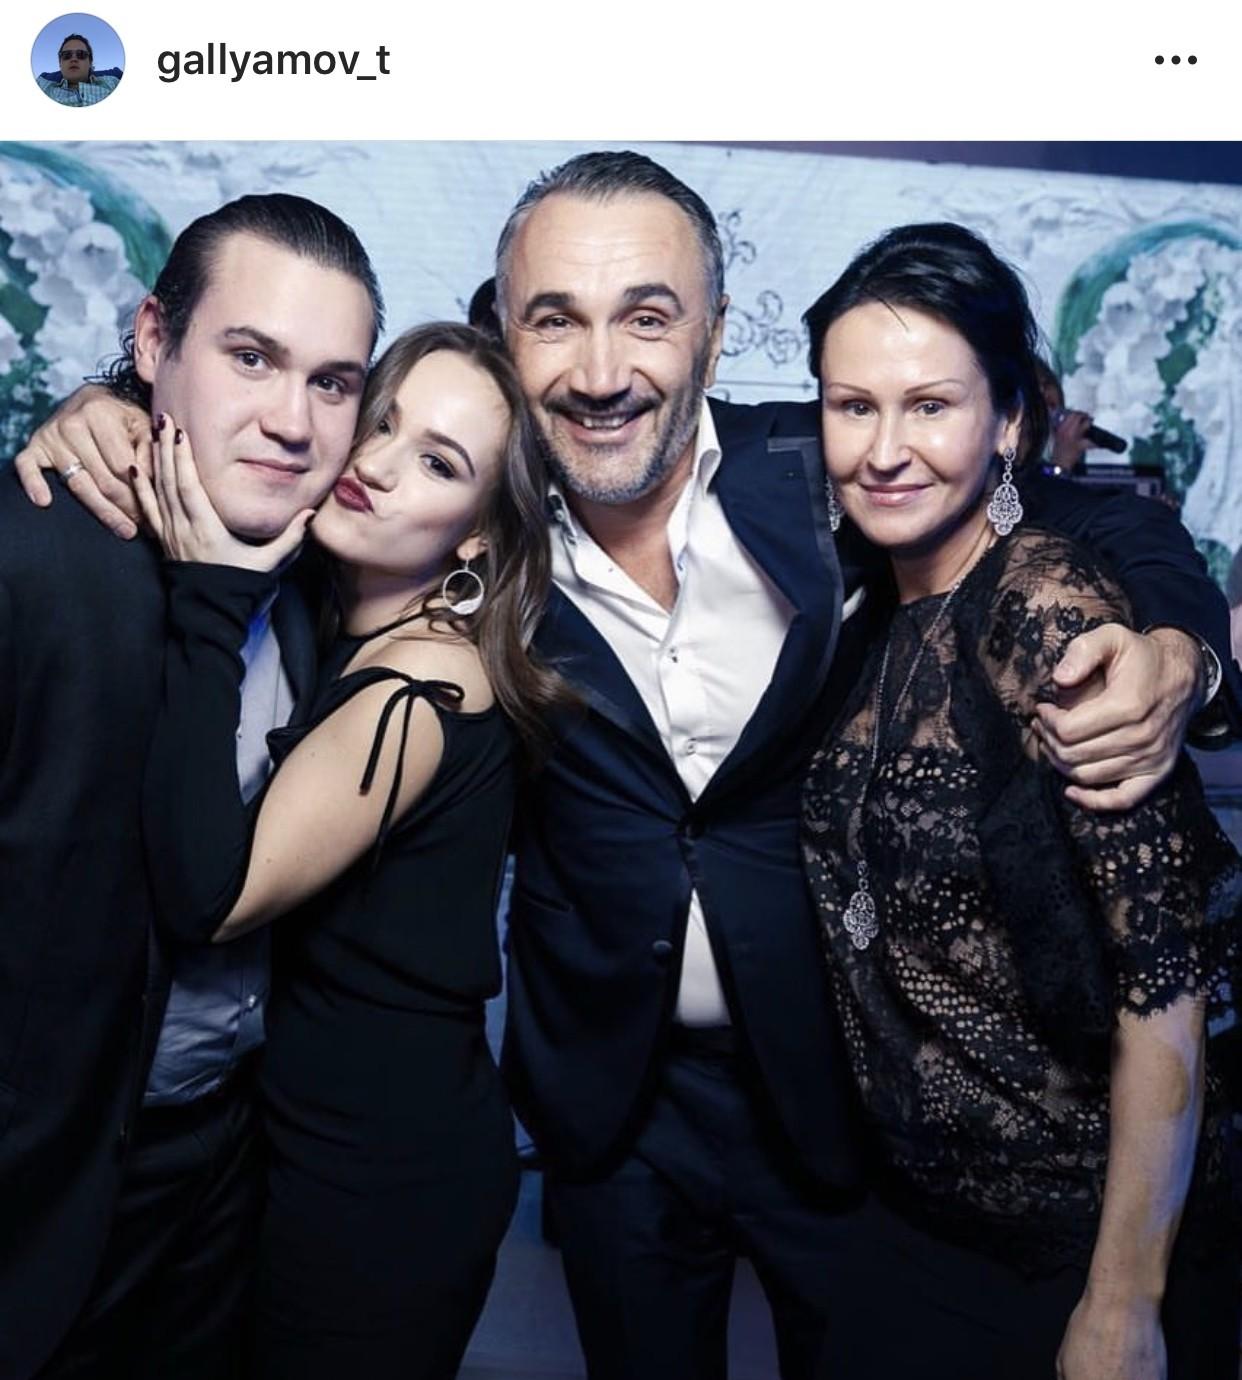 Старшие наследники и чета Галлямовых. Источник © Instagram